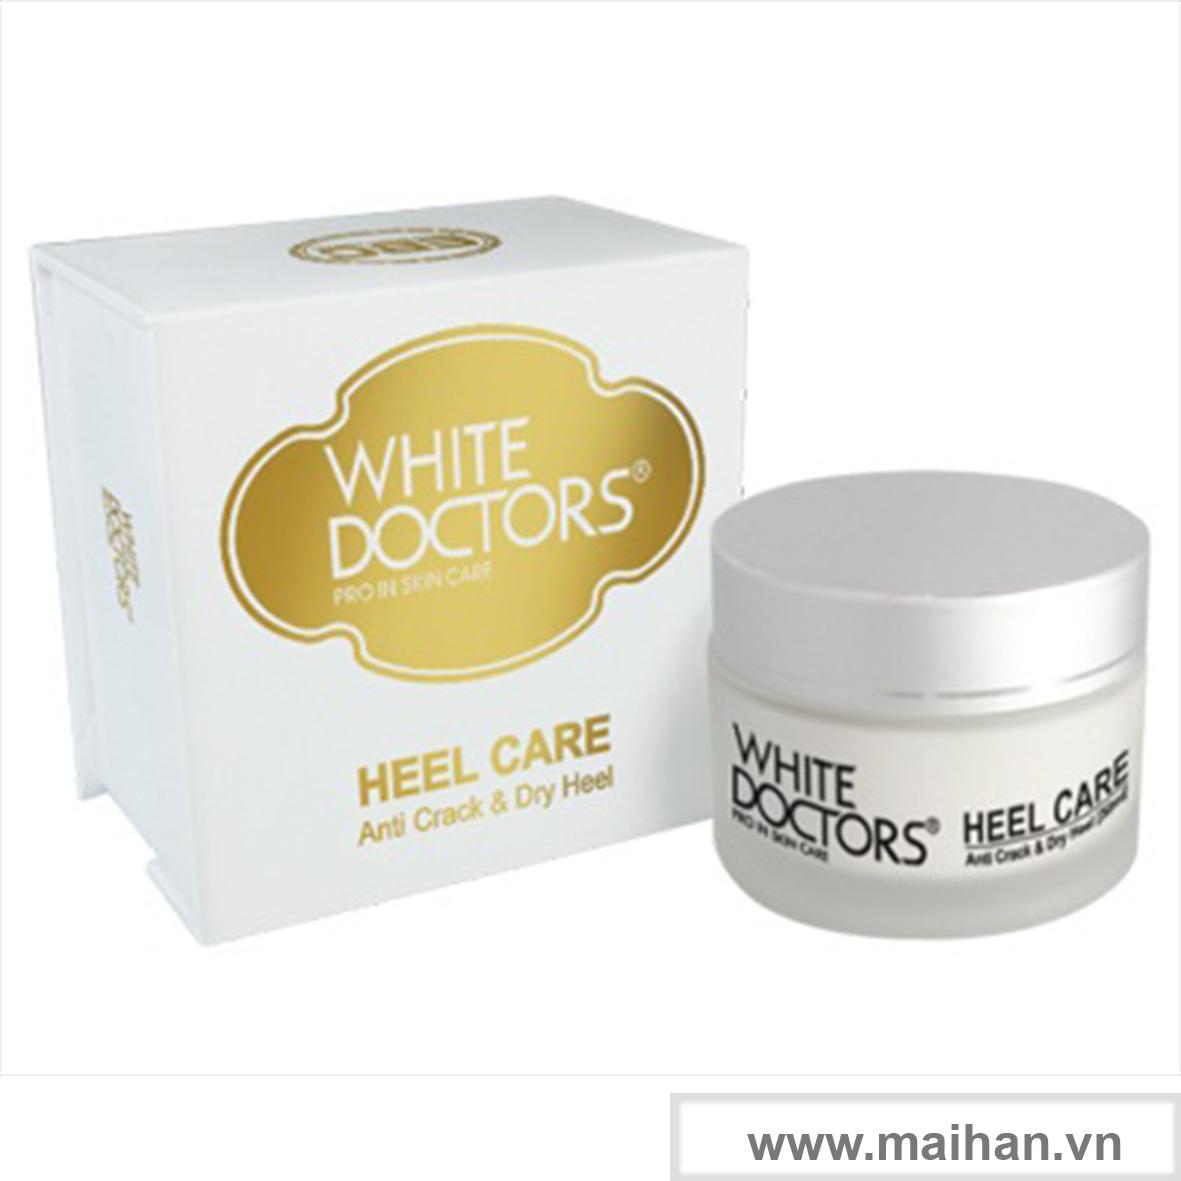 Kem hỗ trợ phòng ngừa nứt gót chân làm mềm da chân White Doctors (Heel Care)